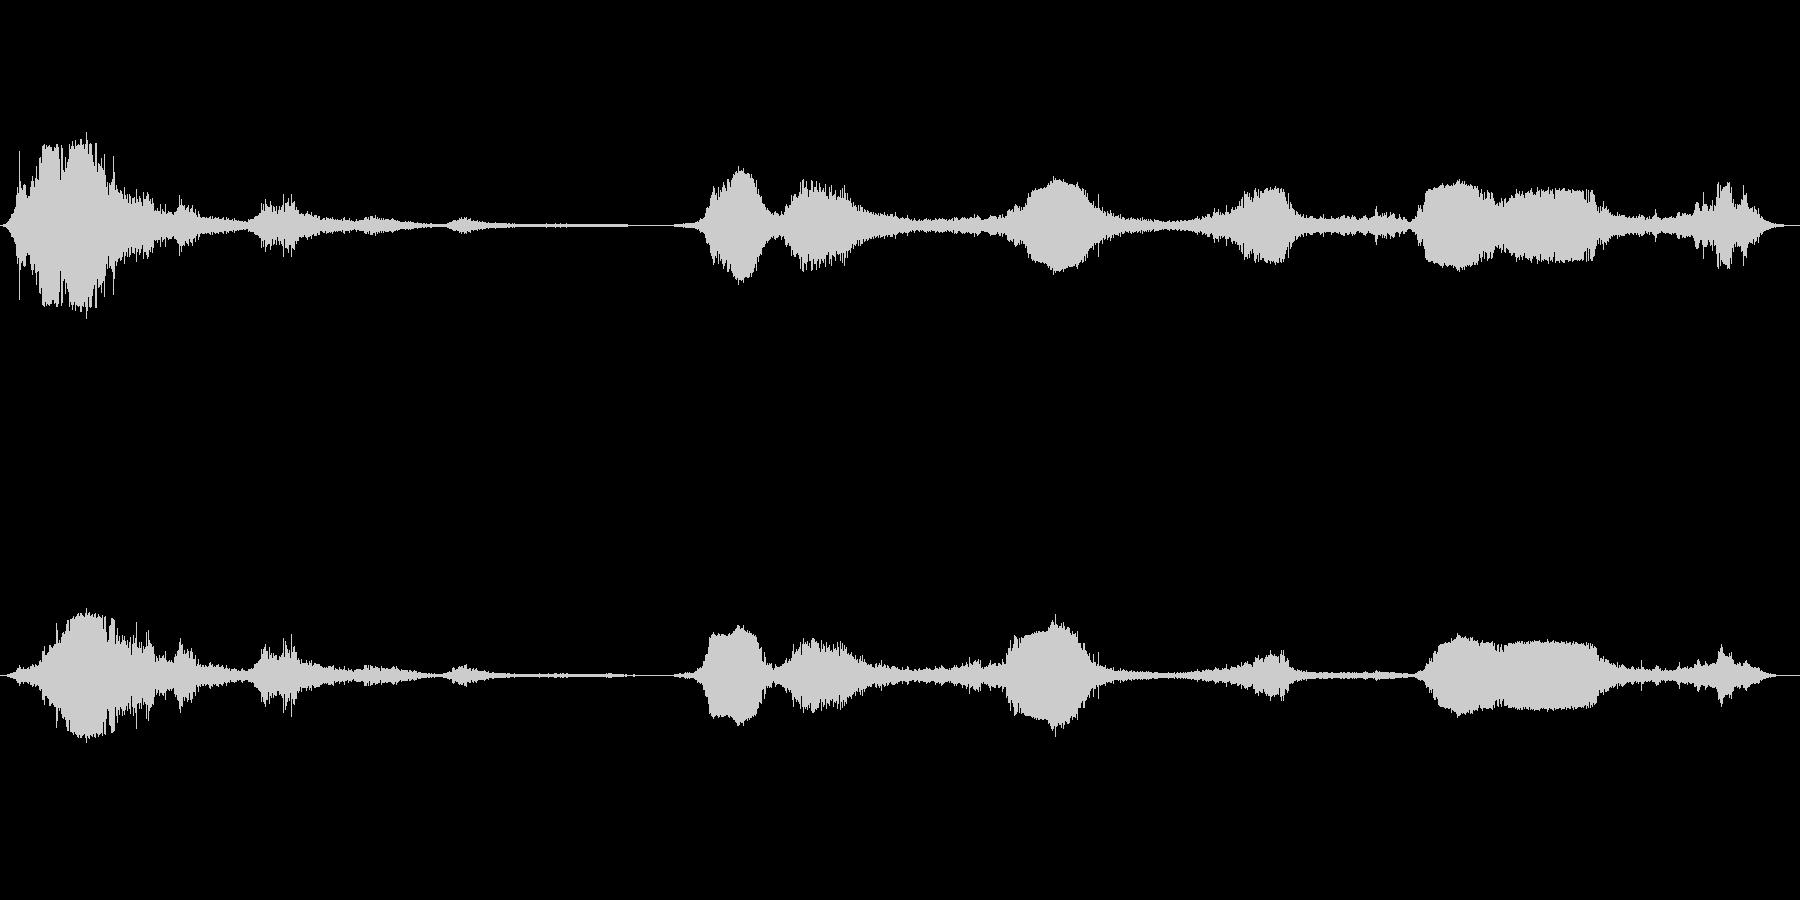 F-16:パス、数回の戦闘機と爆撃機の未再生の波形